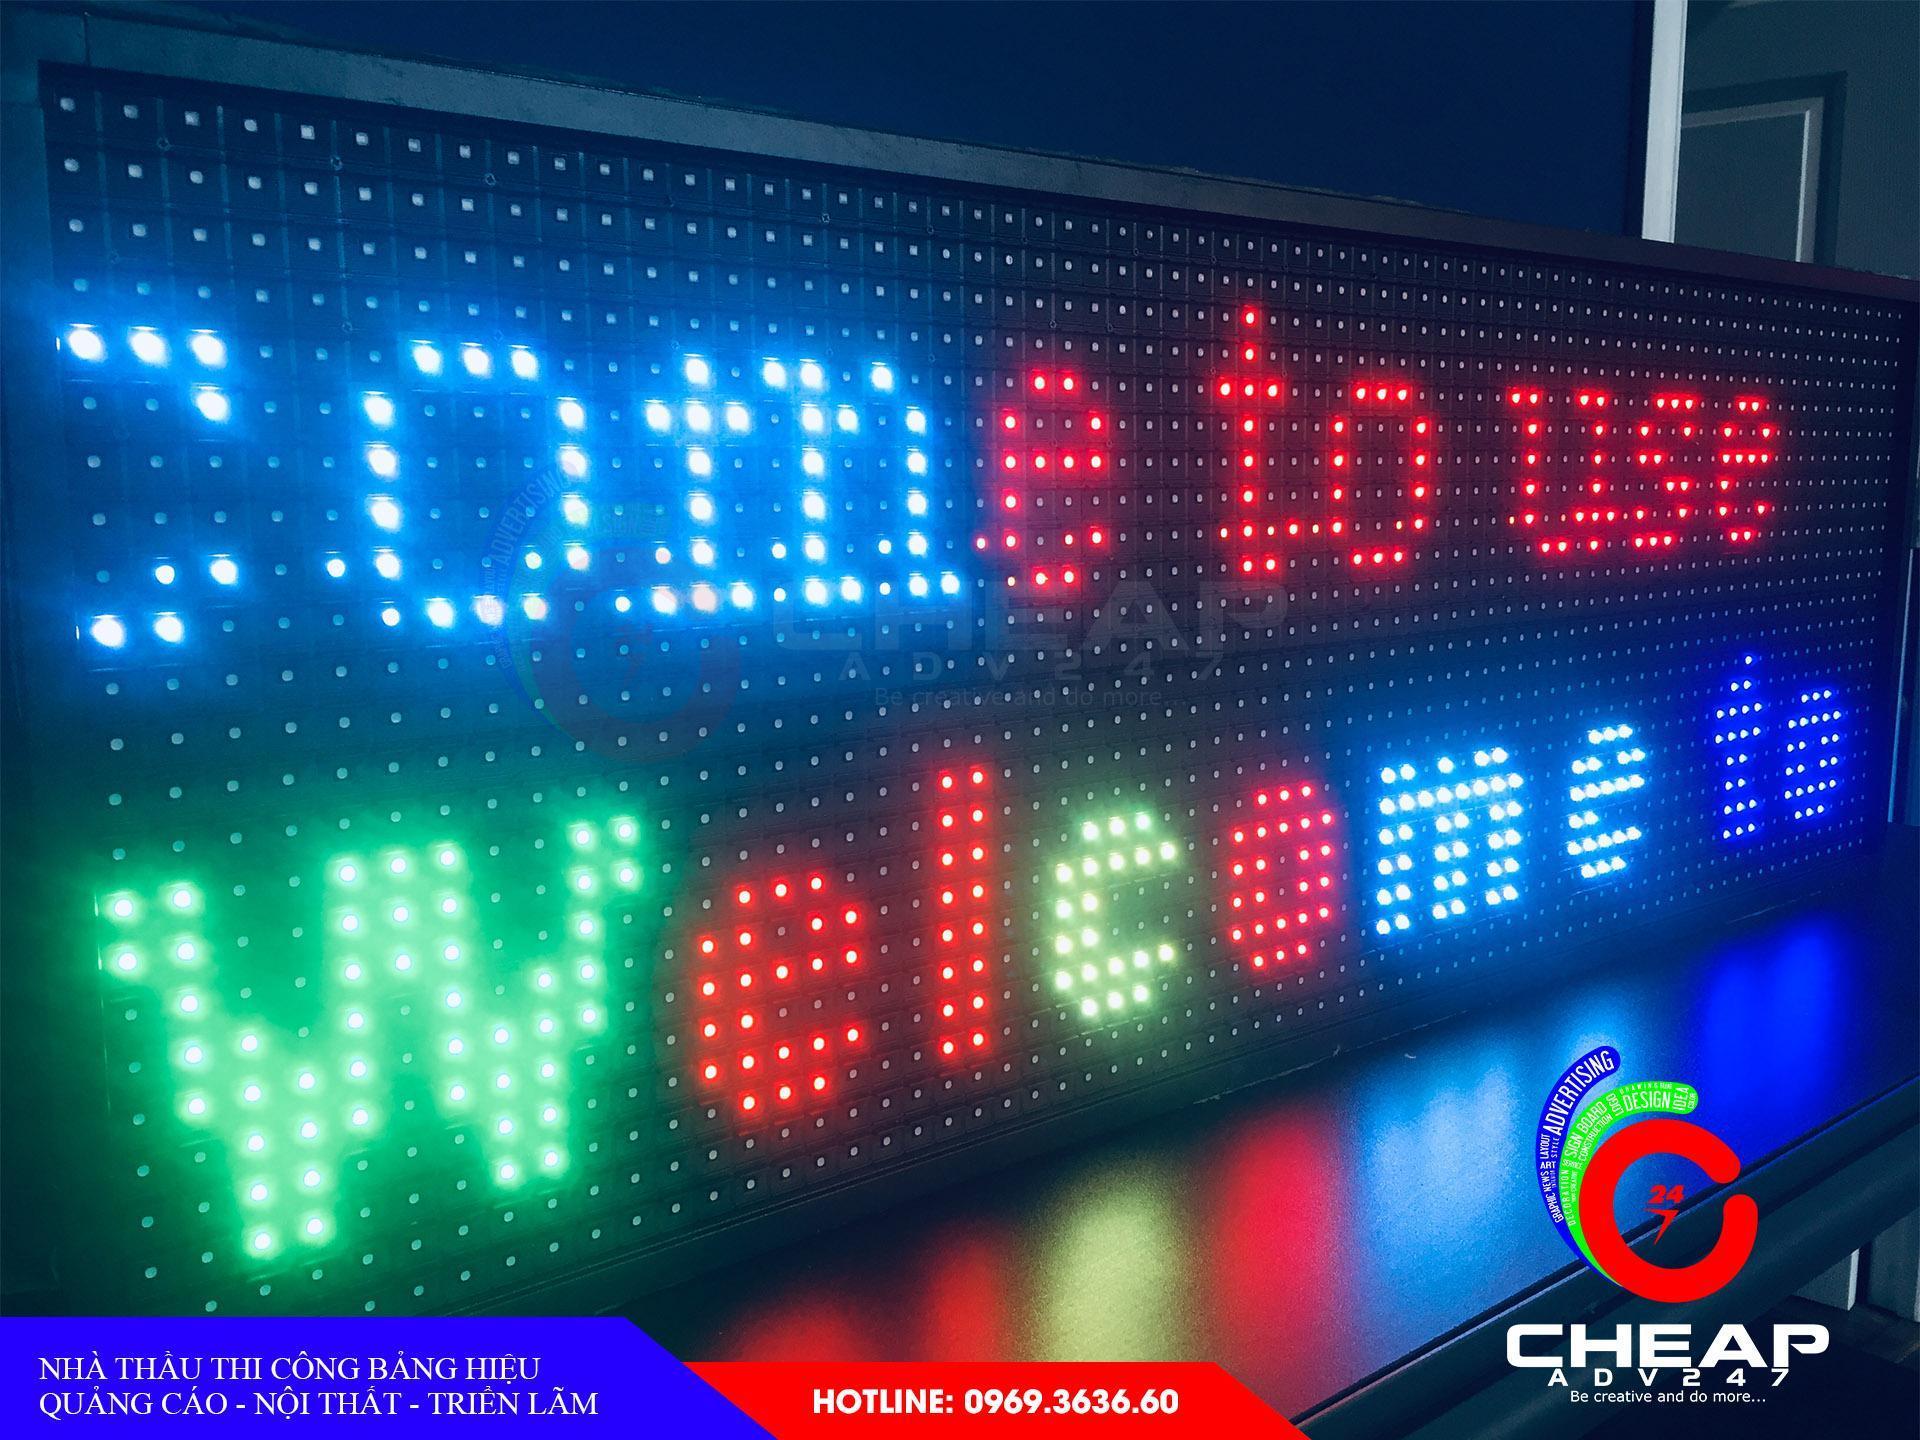 Ảnh báo giá làm bảng hiệu quảng cáoLed tại cheapadv247